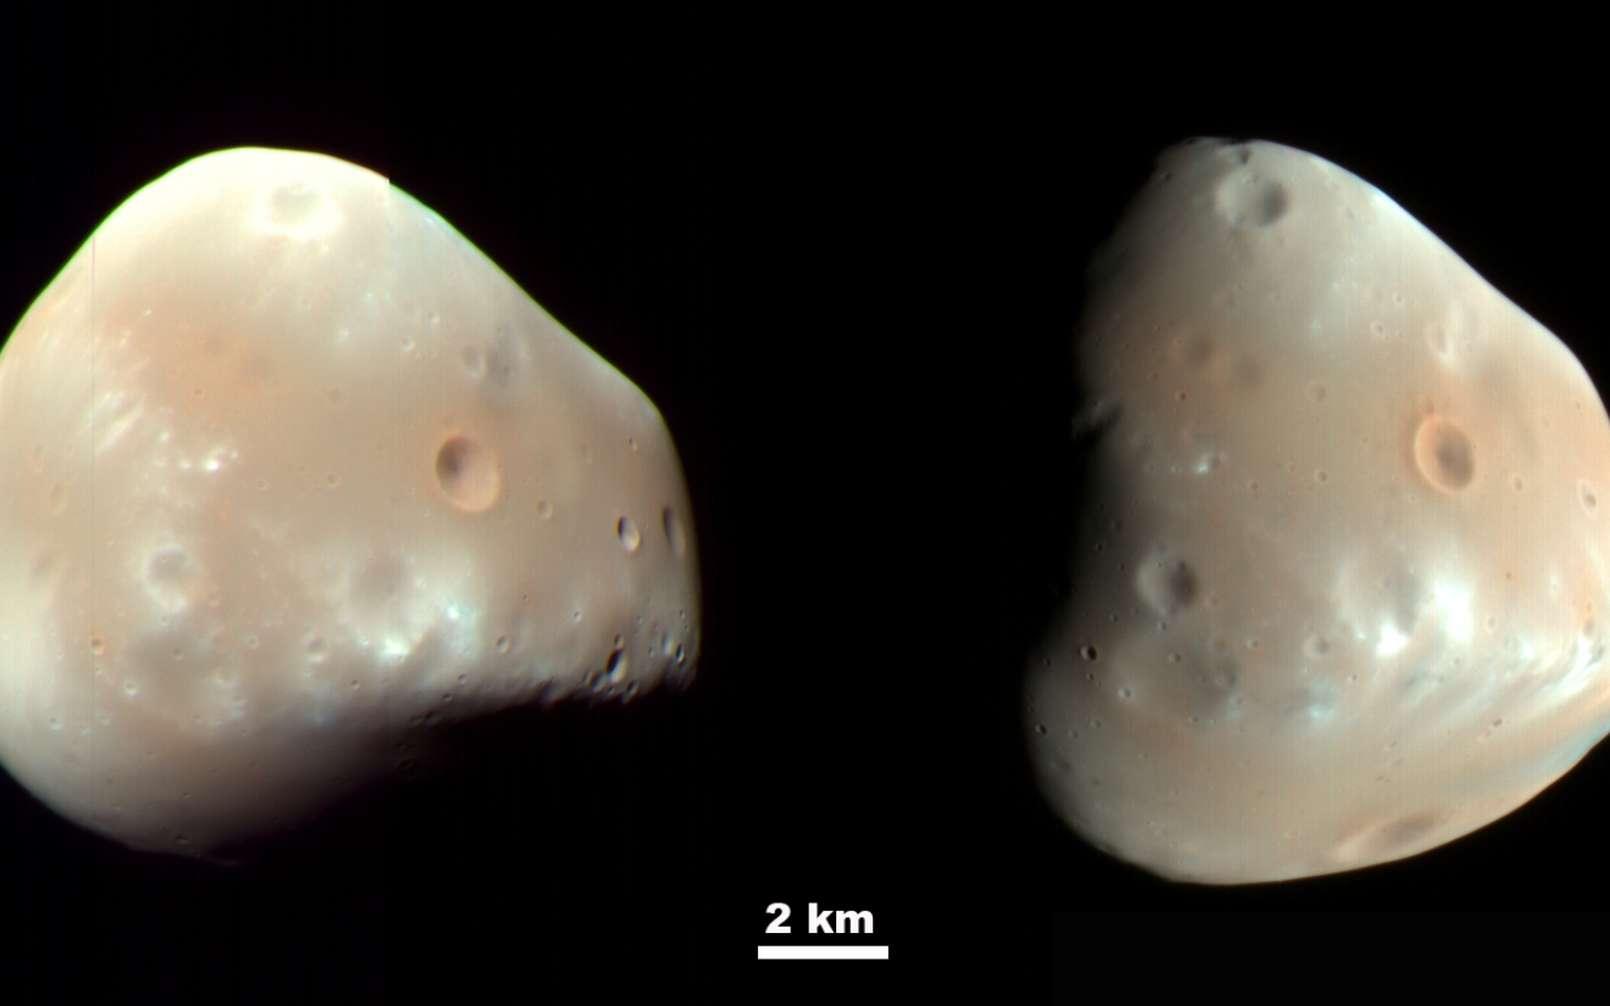 Photographie de Deimos prise par l'instrument HiRISE de l'orbiteur de reconnaissance Mars le 21 février 2009. Les couleurs ont été améliorées. © Wikipédia, Nasa/JPL-caltech/University of Arizona